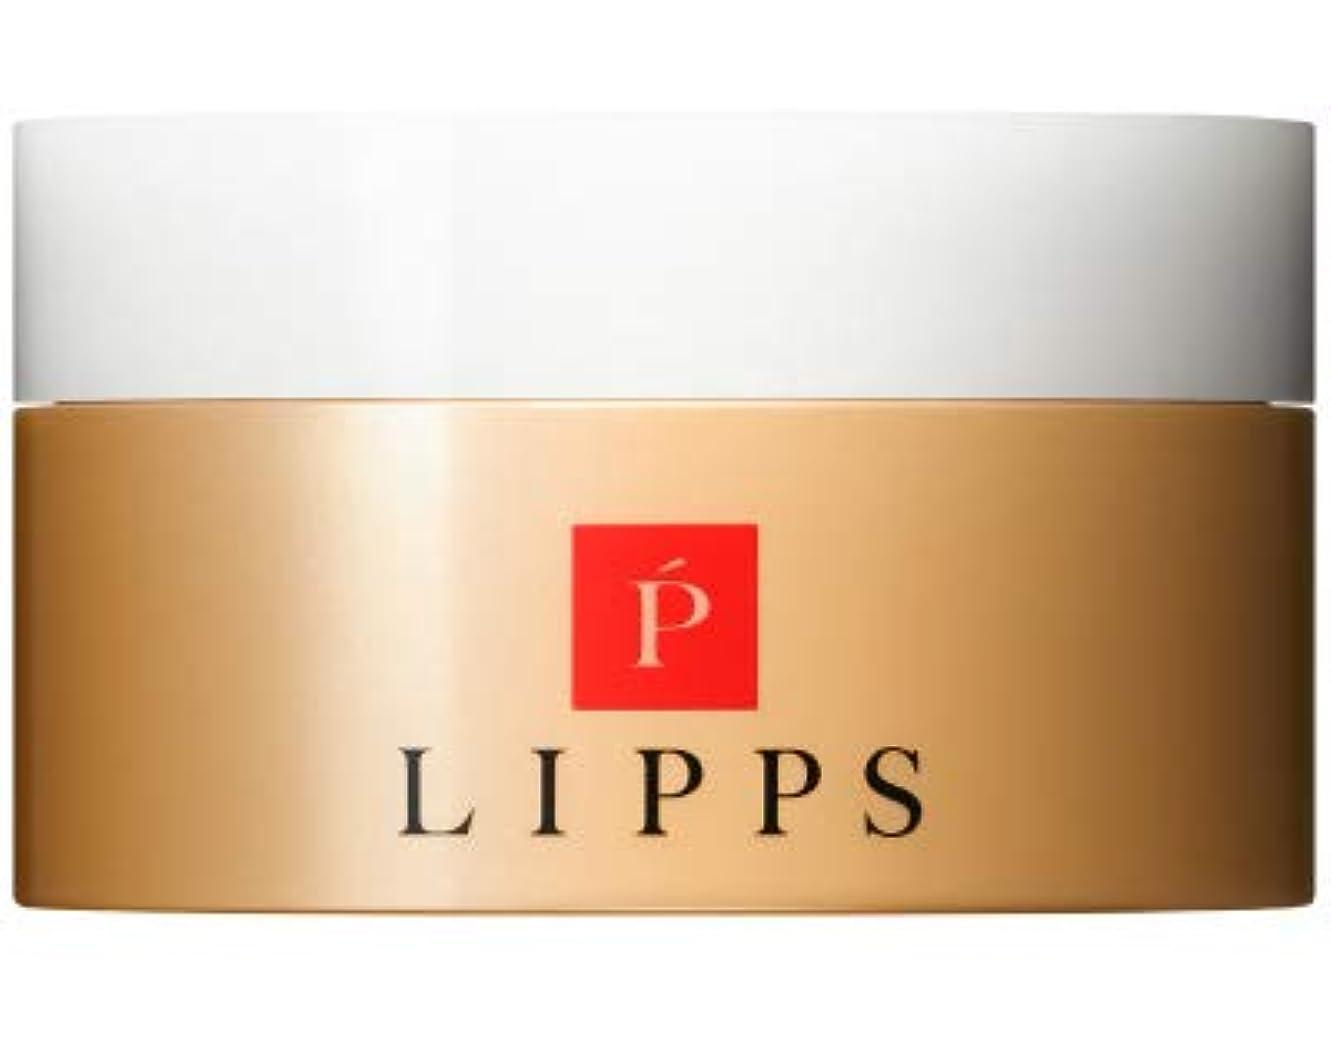 責め貝殻自伝【ふわっと動く×自由自在な束感】LIPPS L12フリーキープワックス (85g)